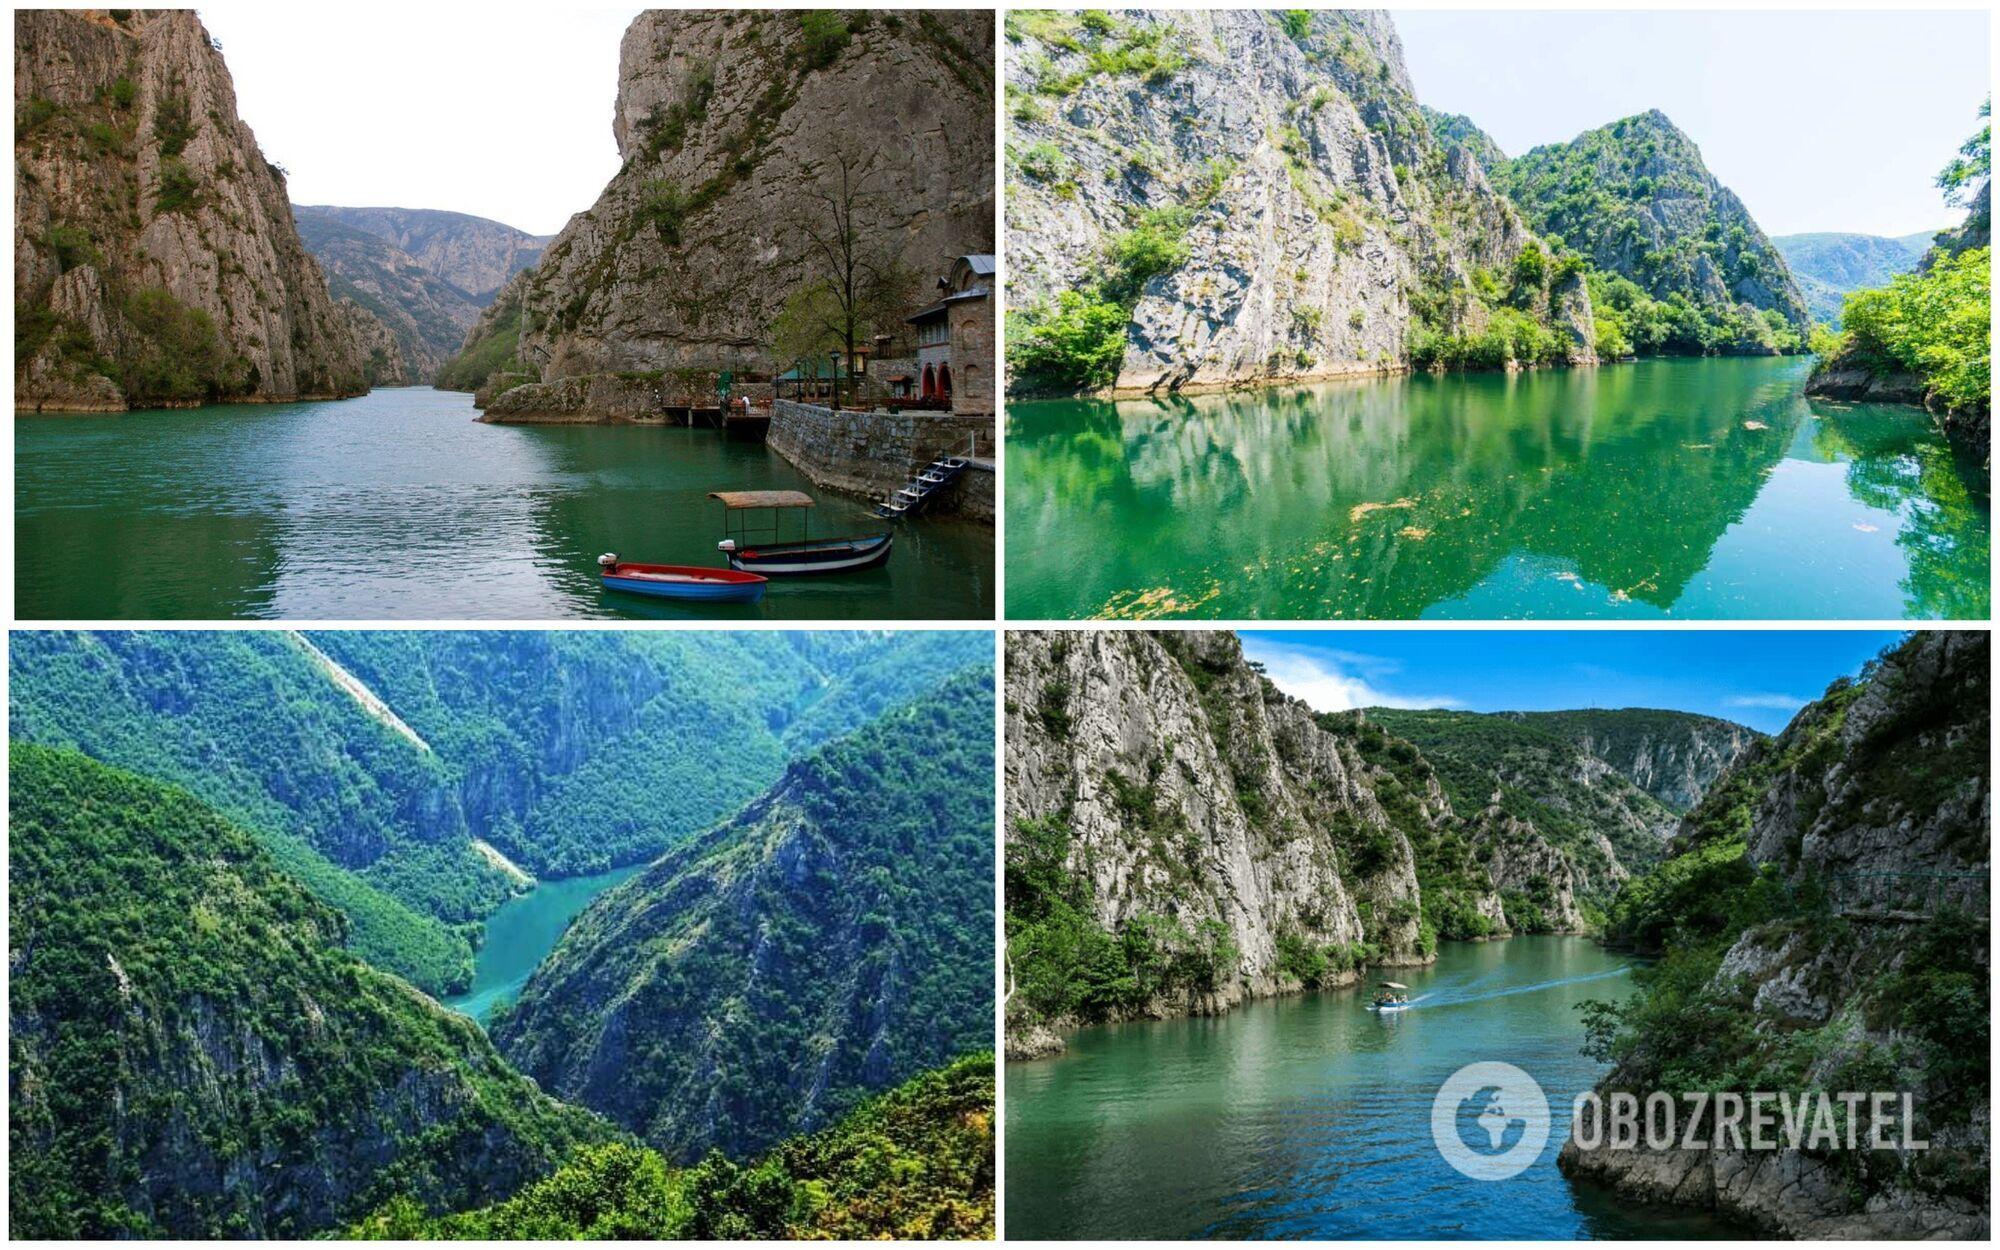 Стеклянно-бирюзовые воды озер, пещеры и руины древних монастырей делают этот каньон одной из из любимых локаций туристов